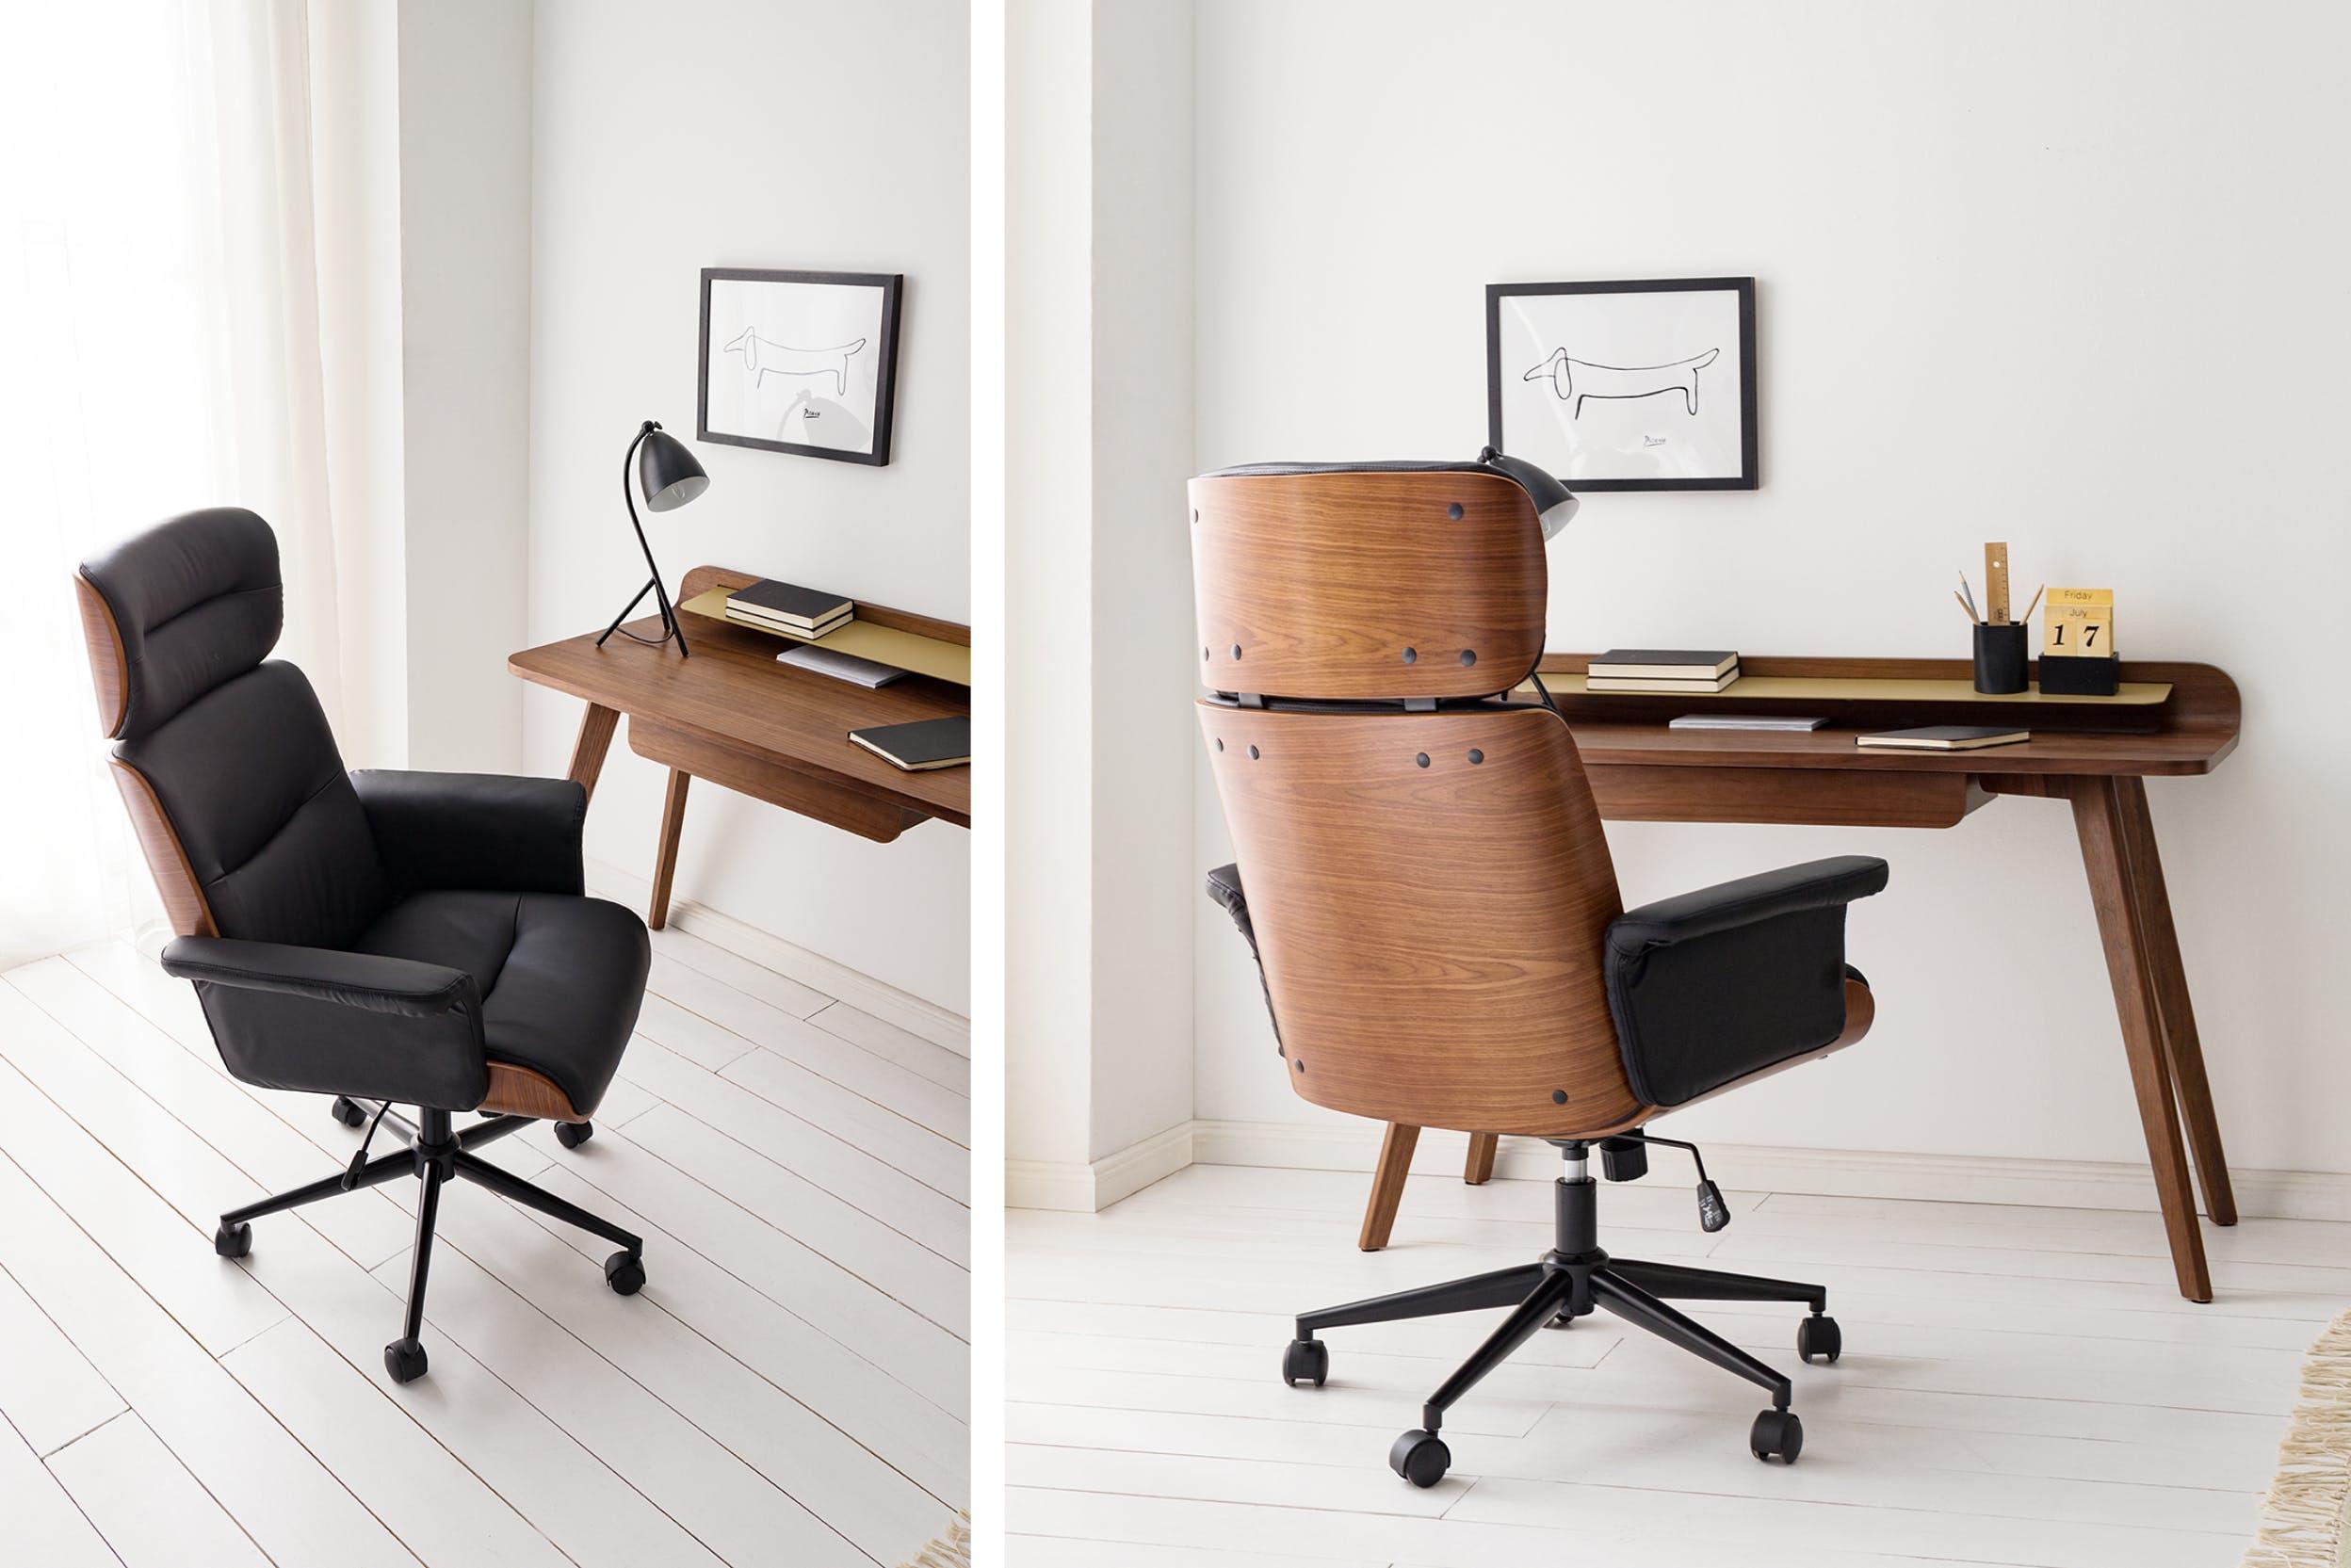 Gepolsterter Bürosessel an Schreibtisch im Wohnzimmer